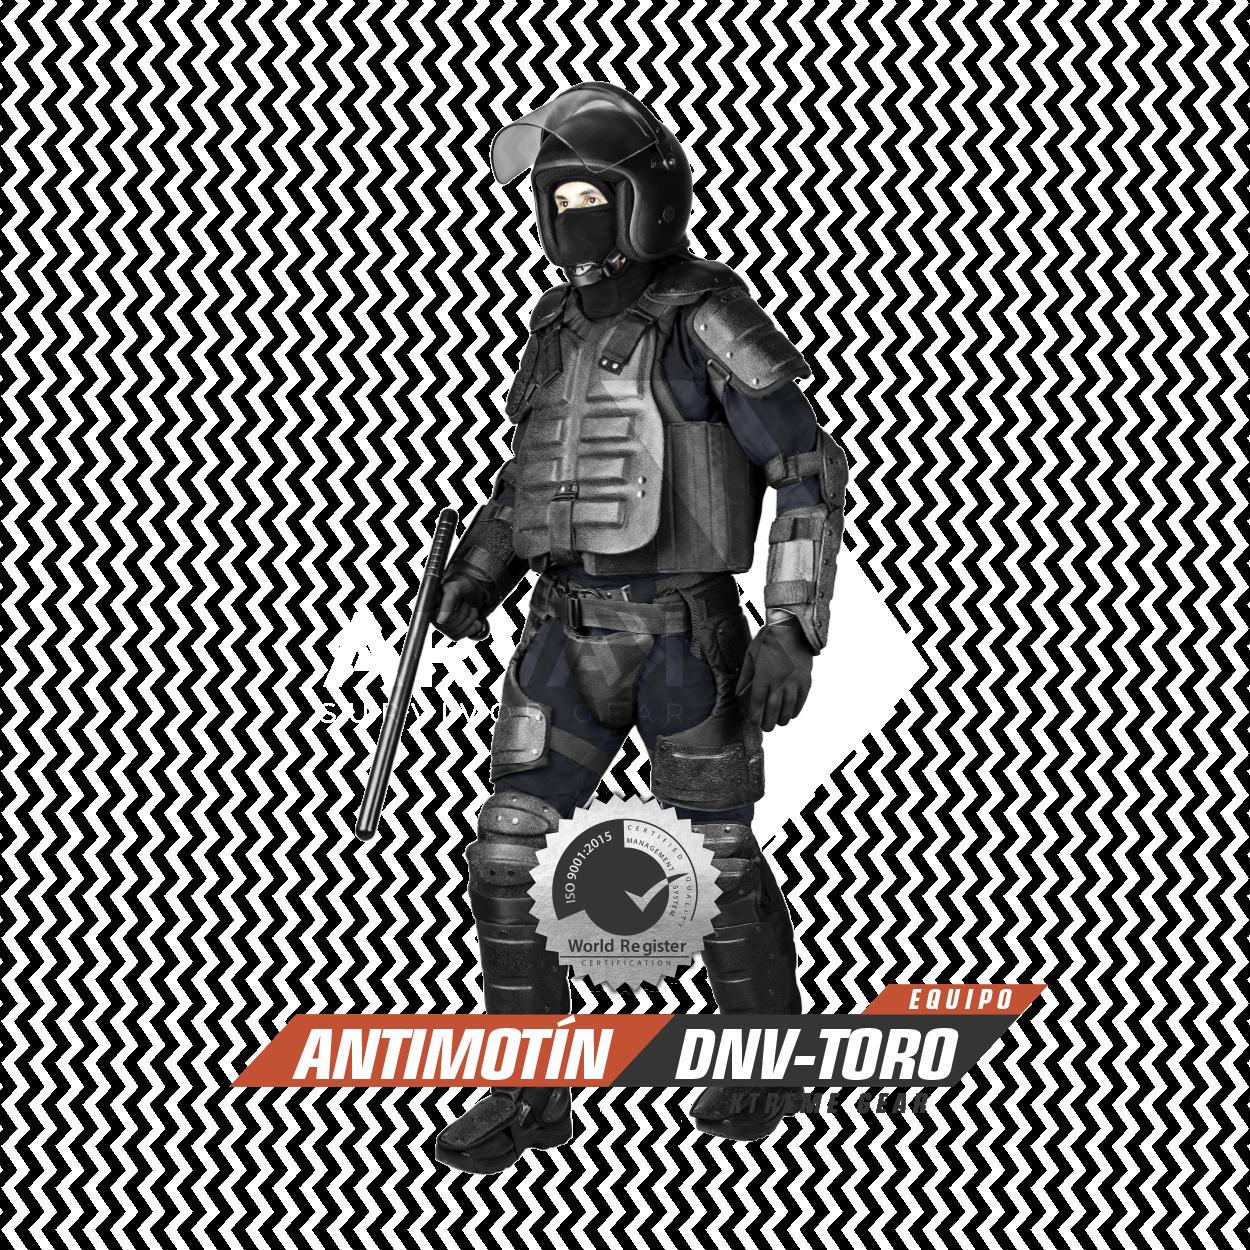 Equipo Antimotín DNV-Toro Arvak Tactical